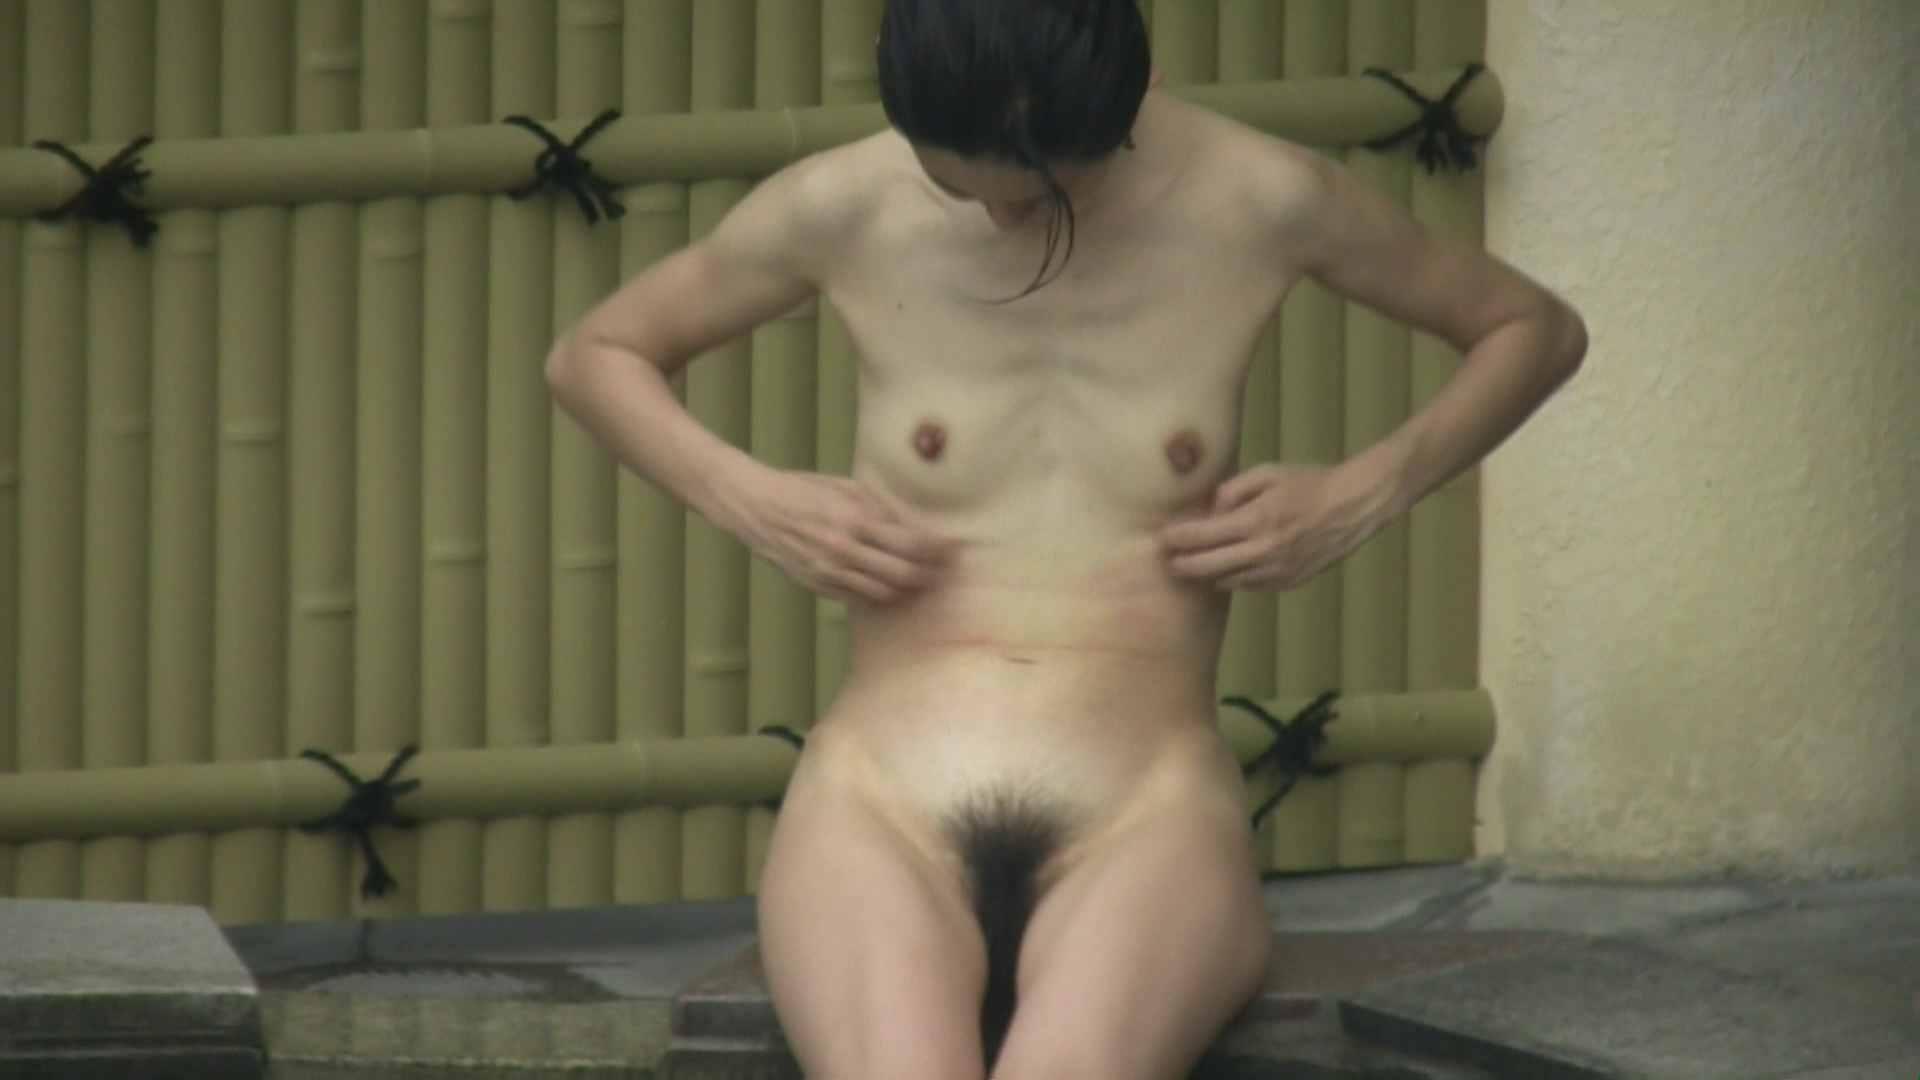 高画質露天女風呂観察 vol.031 乙女のエロ動画 性交動画流出 104PIX 93